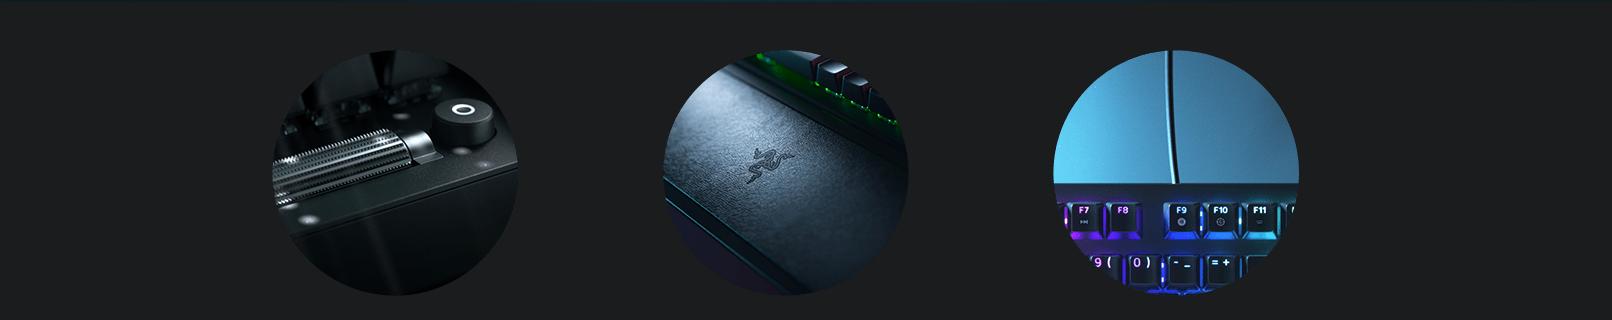 Bàn phím Razer BlackWidow V3 (USB/Green switch) (RZ03-03540100-R3M1) có thiết kế tiện lợi